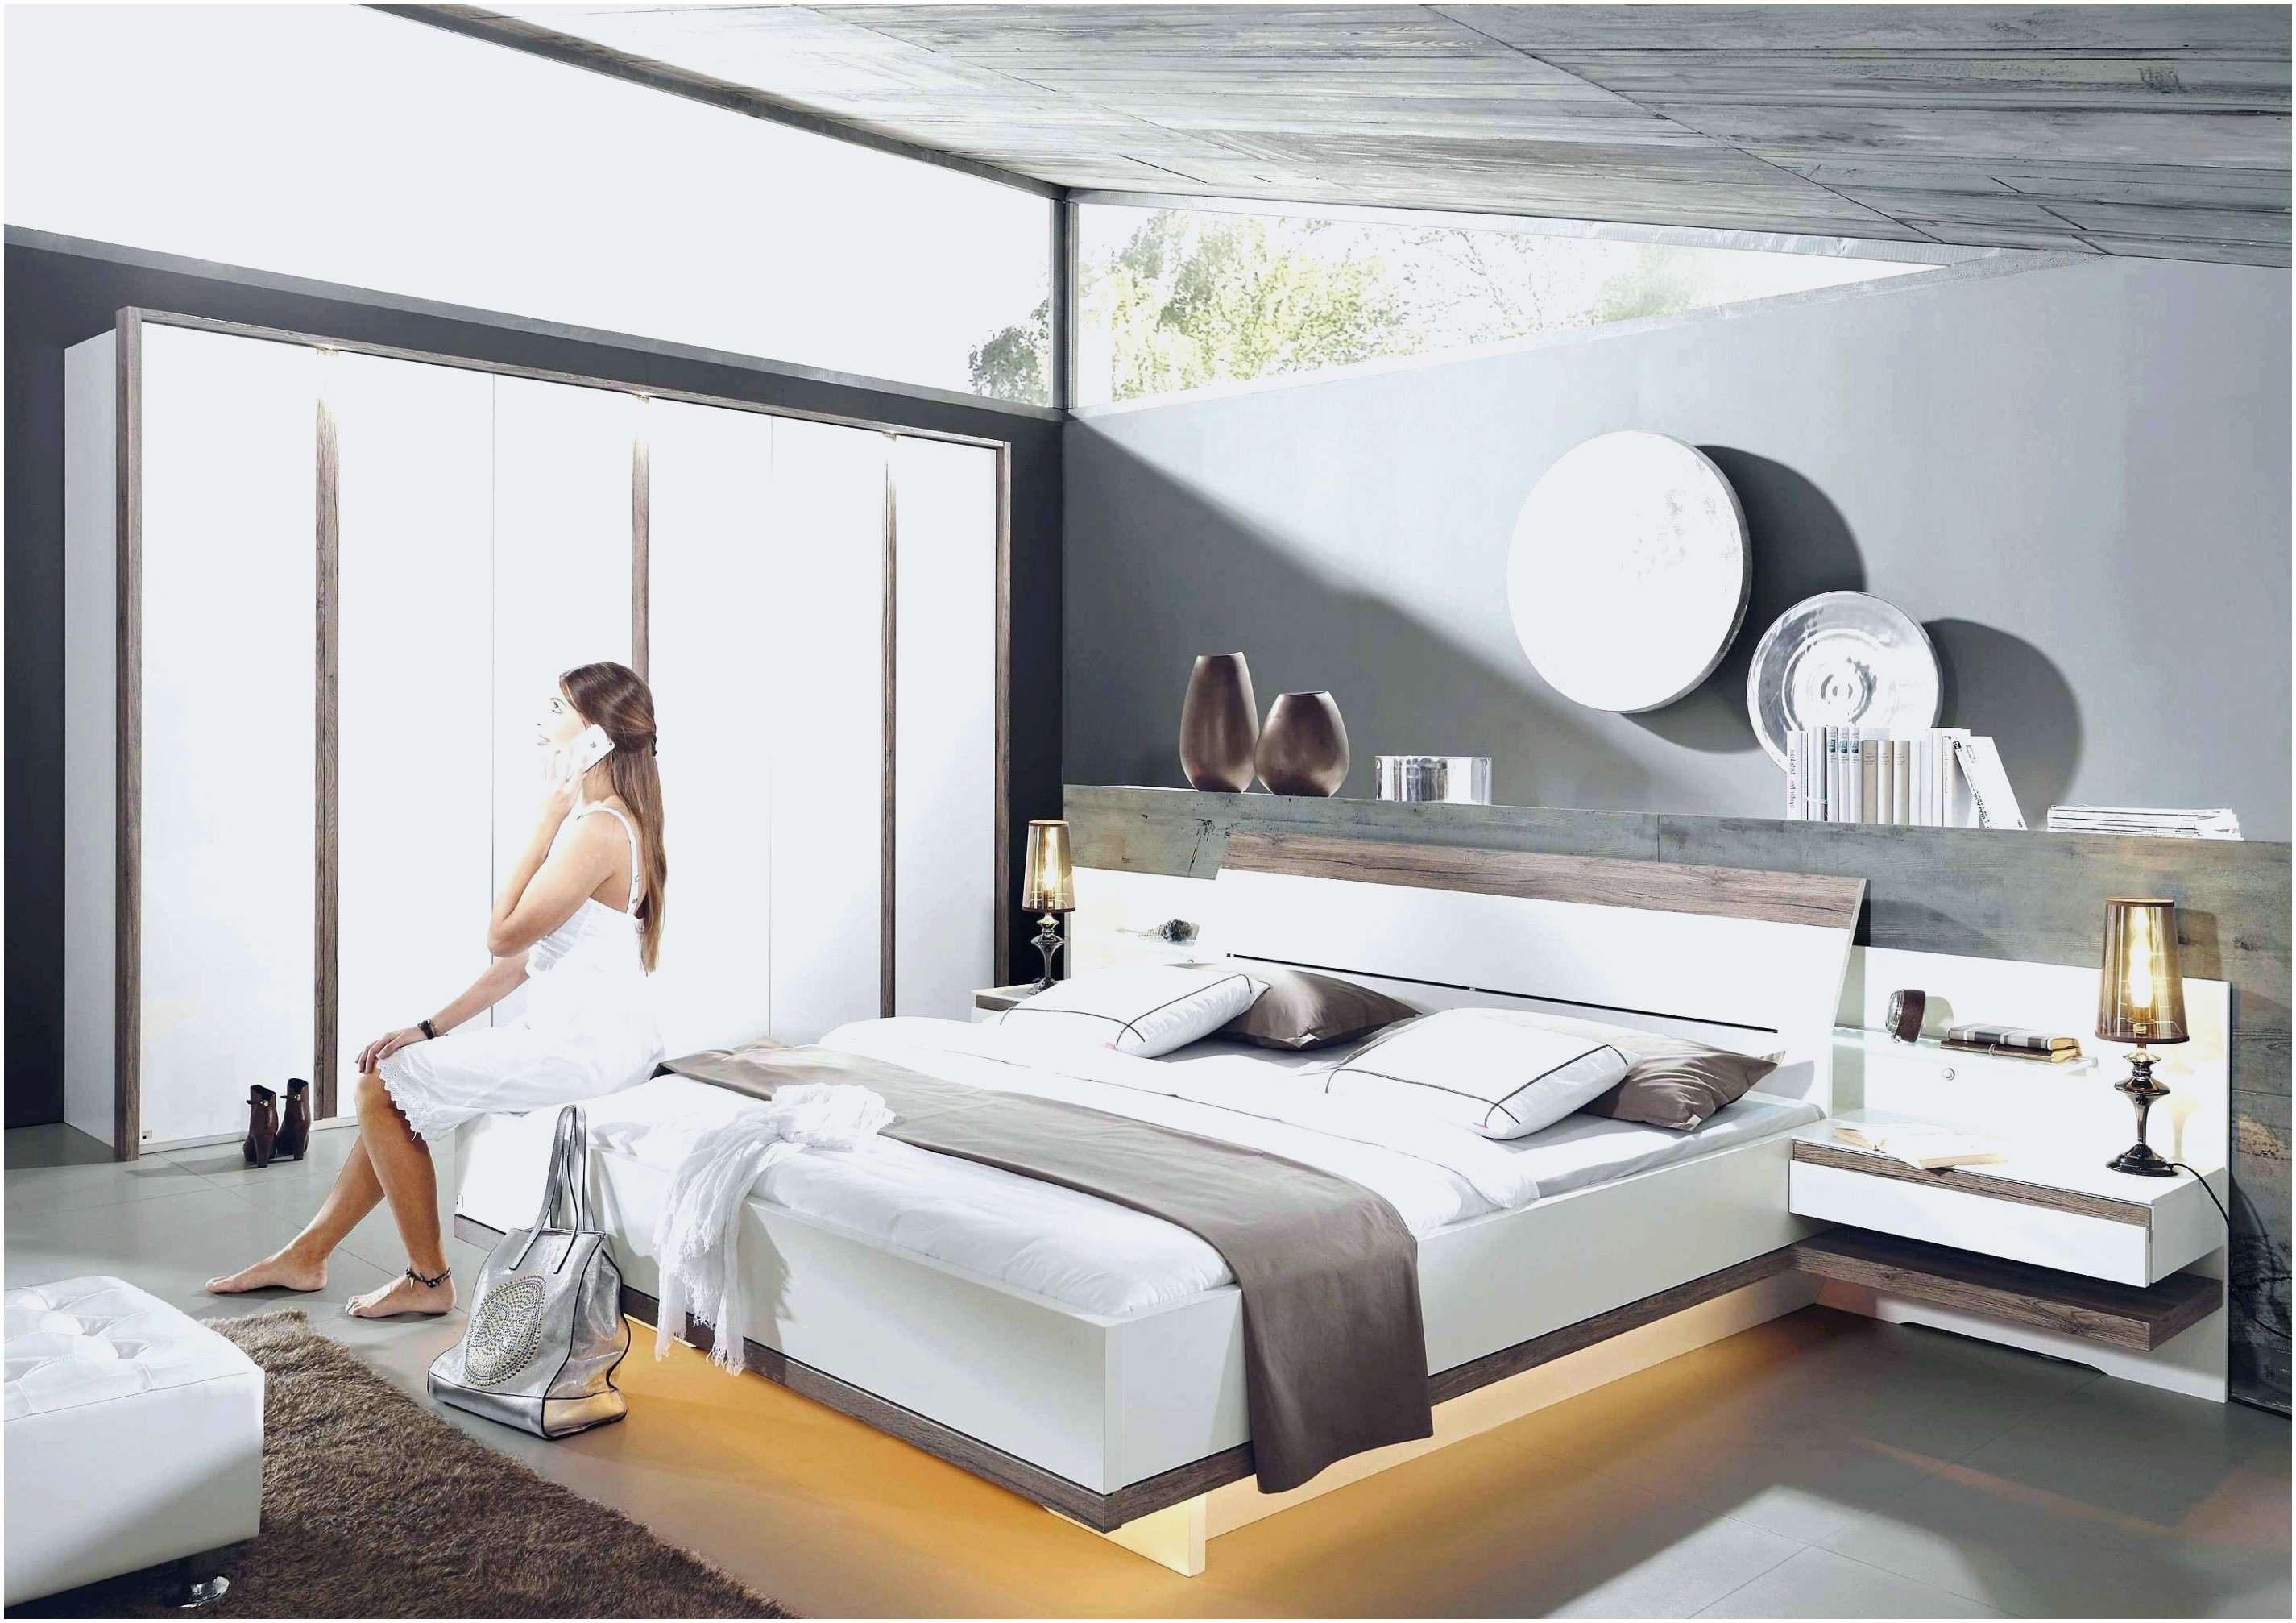 Lit Mezzanine Gris Meilleur De Inspiré Lit Mezzanine Adulte Maison Design Apsip Pour Alternative